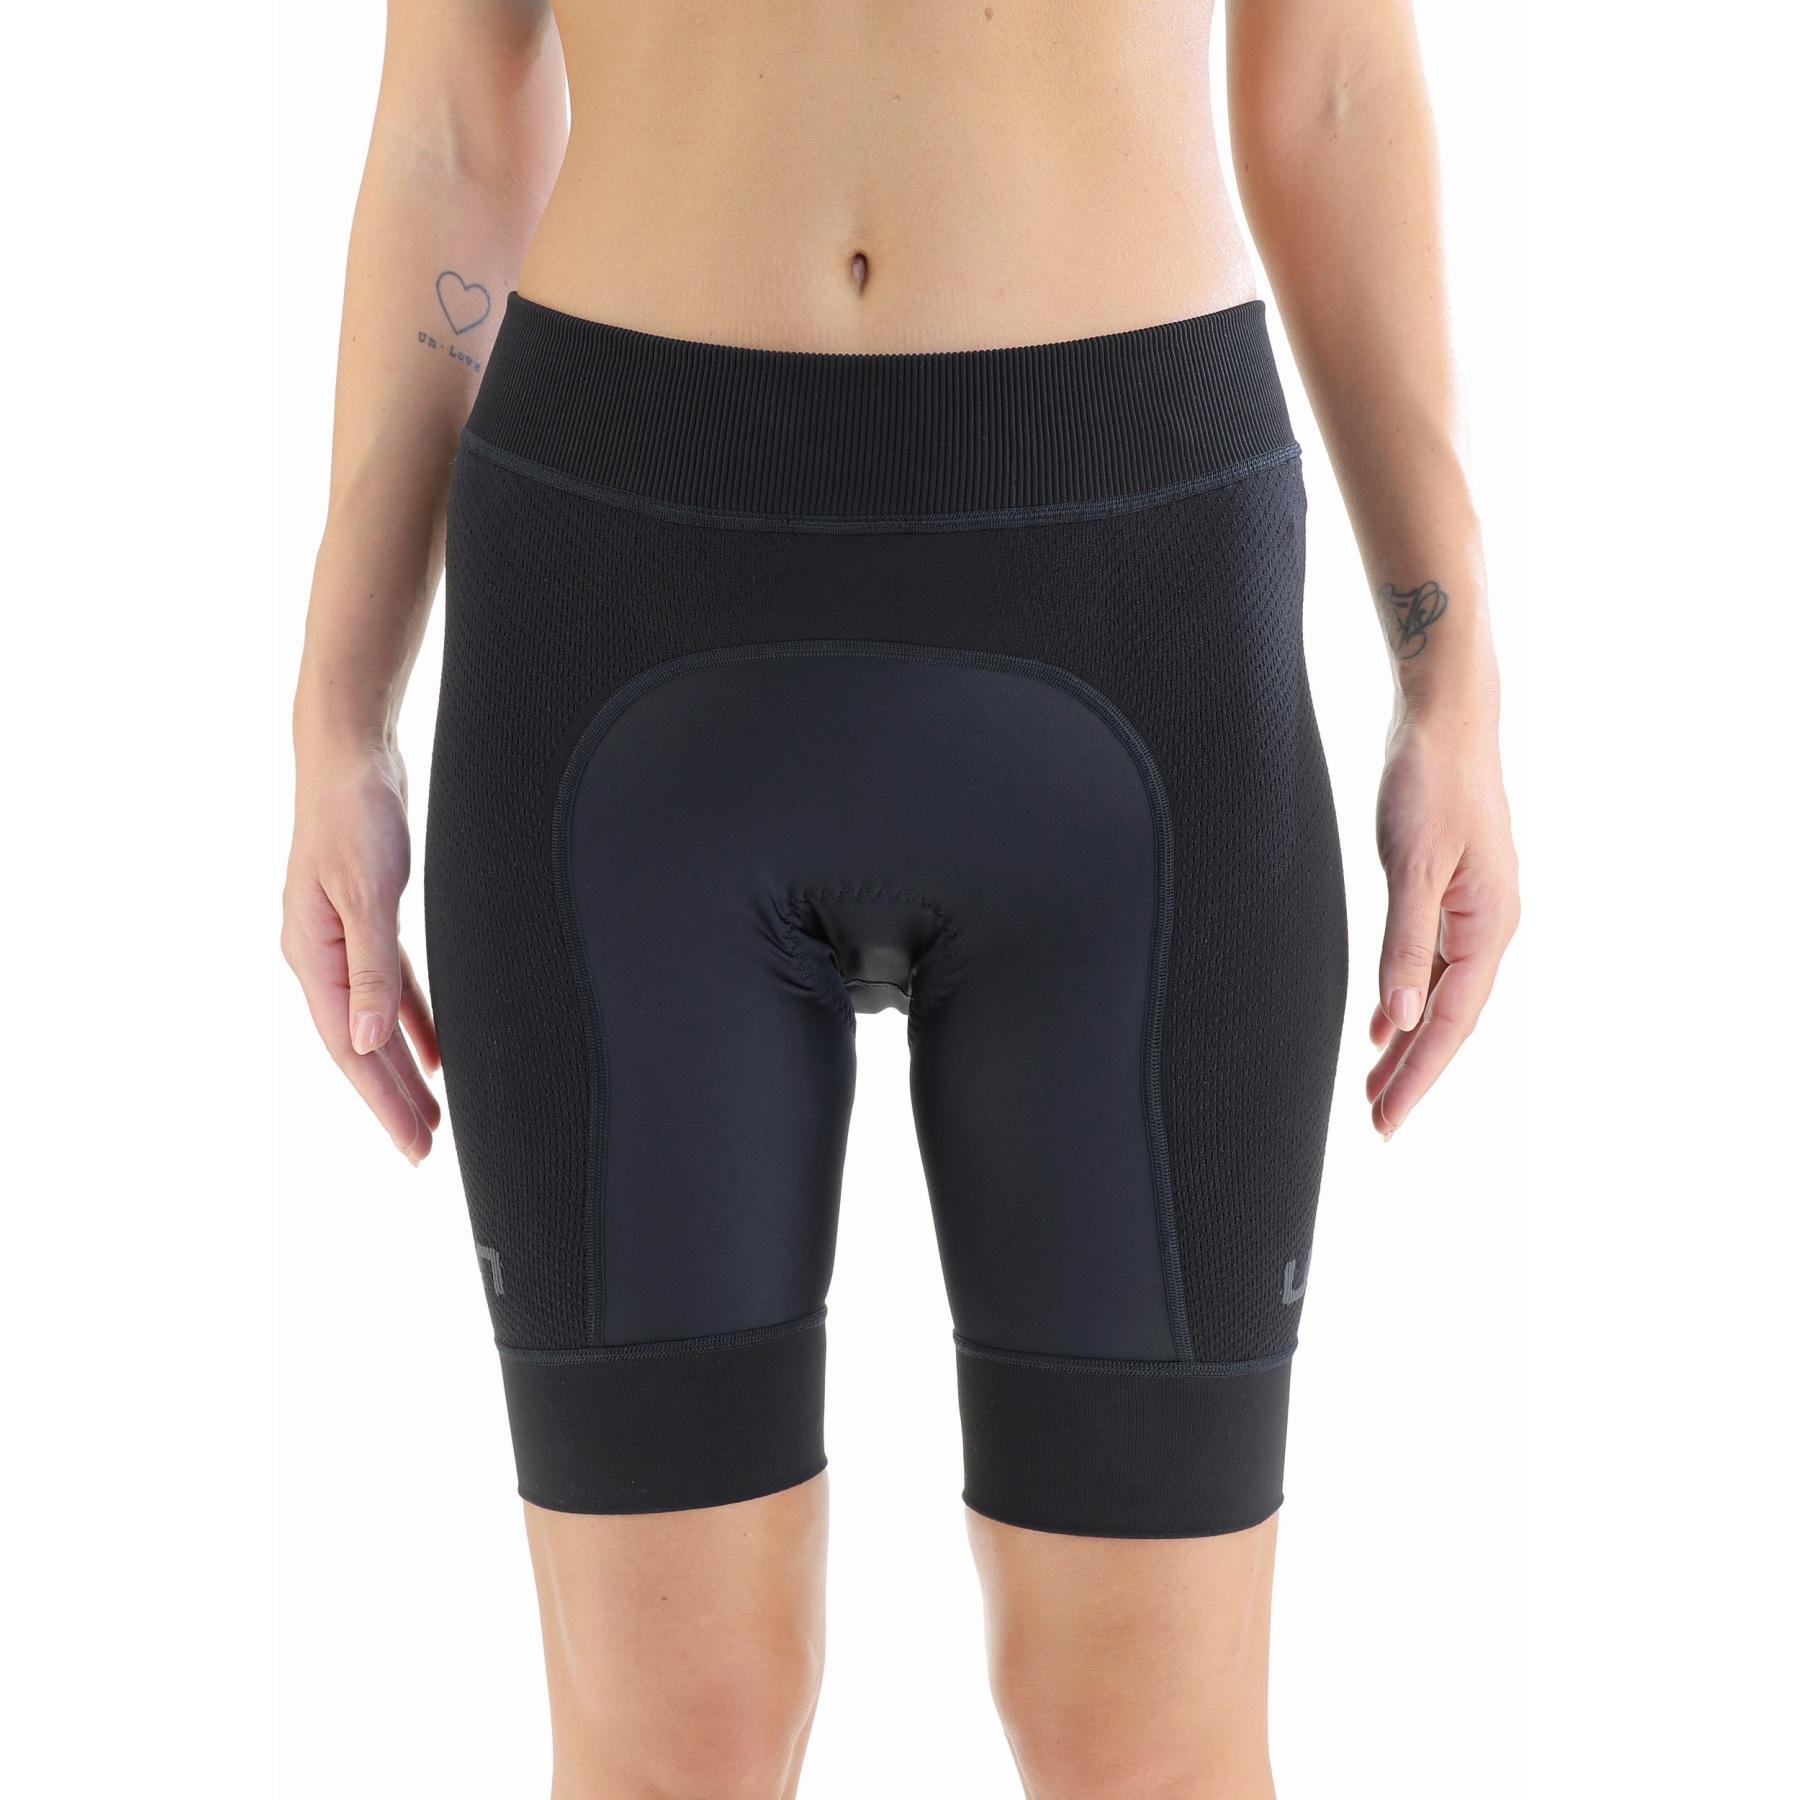 UYN Biking Ridemildes Shorts Damen - Schwarz/Schwarz